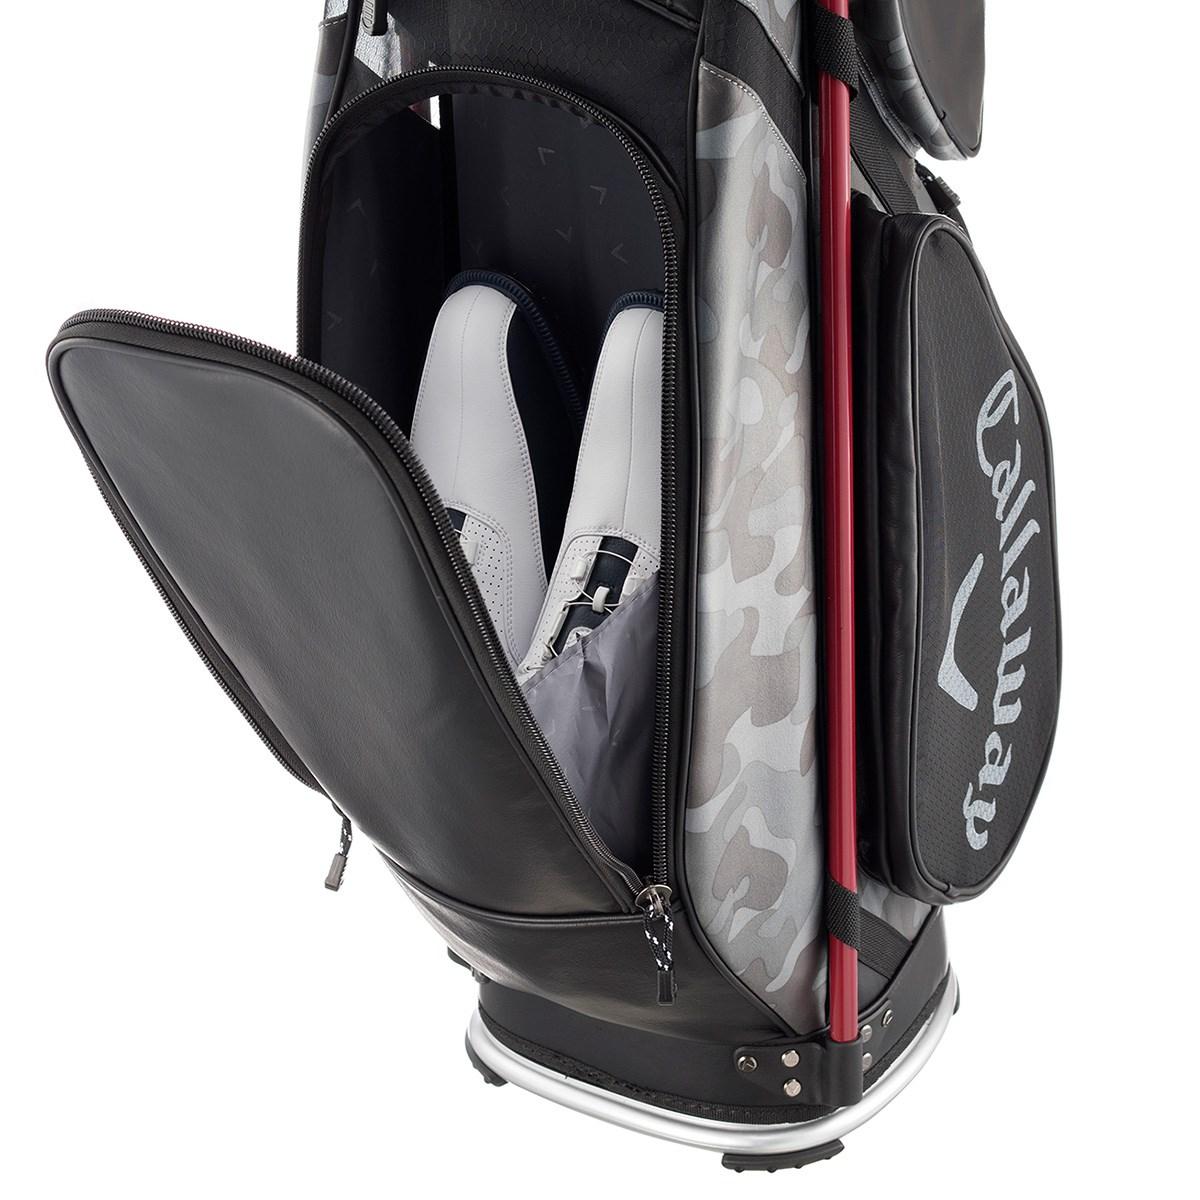 428c53a535d5d ブラック. ブラック. ホワイト. ベージュ. < >. キャロウェイゴルフ Callaway Golf